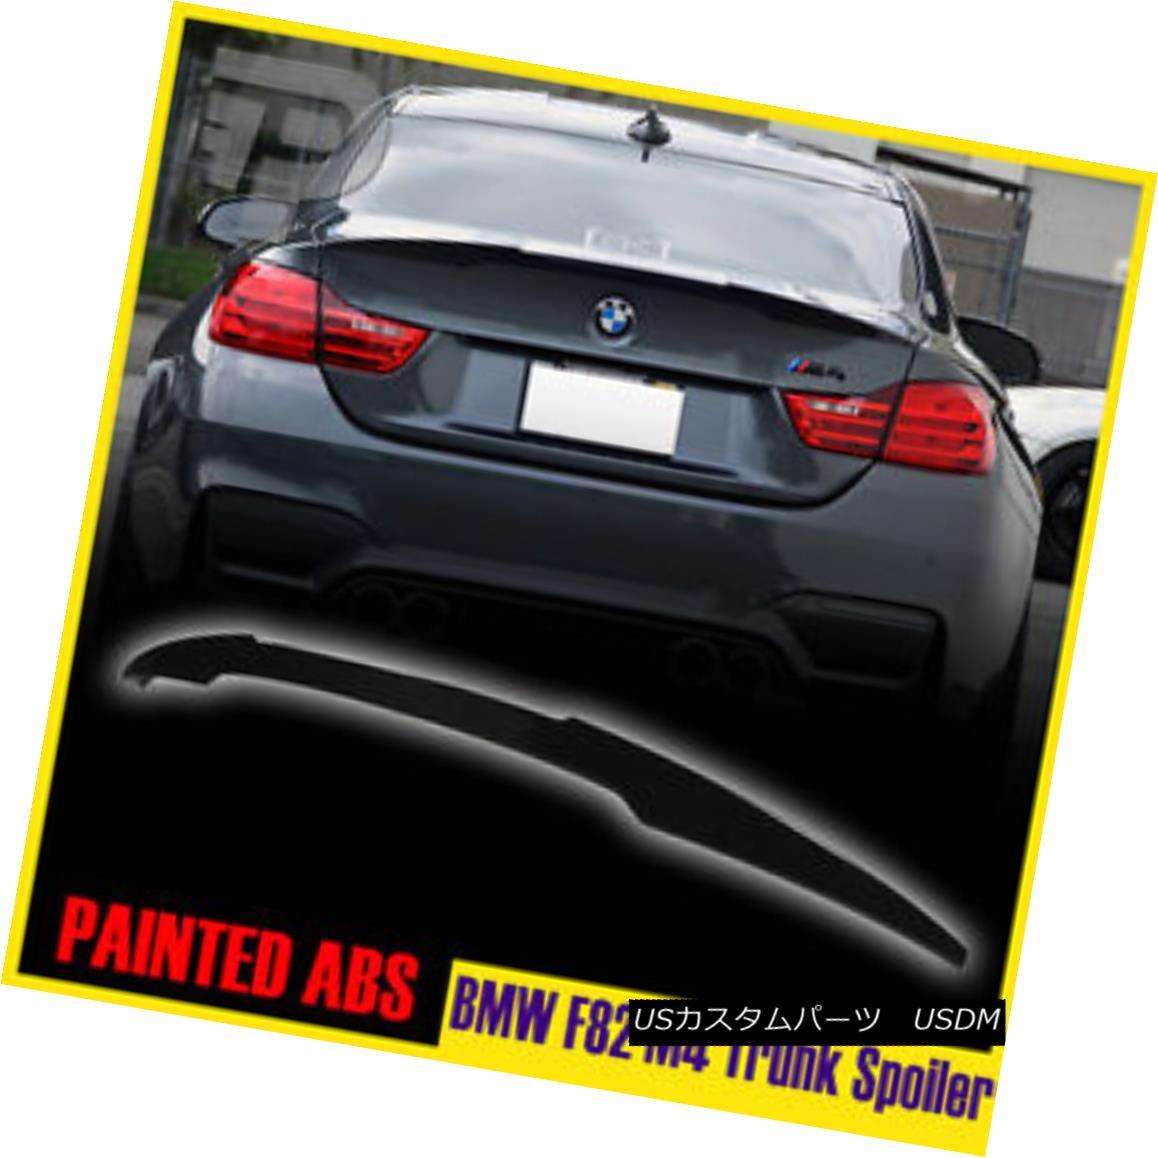 エアロパーツ PAINTED 668 BMW 4 SERIES F82 M4 PERFORMANCE P-TYLE REAR WING TRUNK SPOILER ▼ ペイント668 BMW 4シリーズF82 M4パフォーマンスP型リアウイングトランクスポイラー?